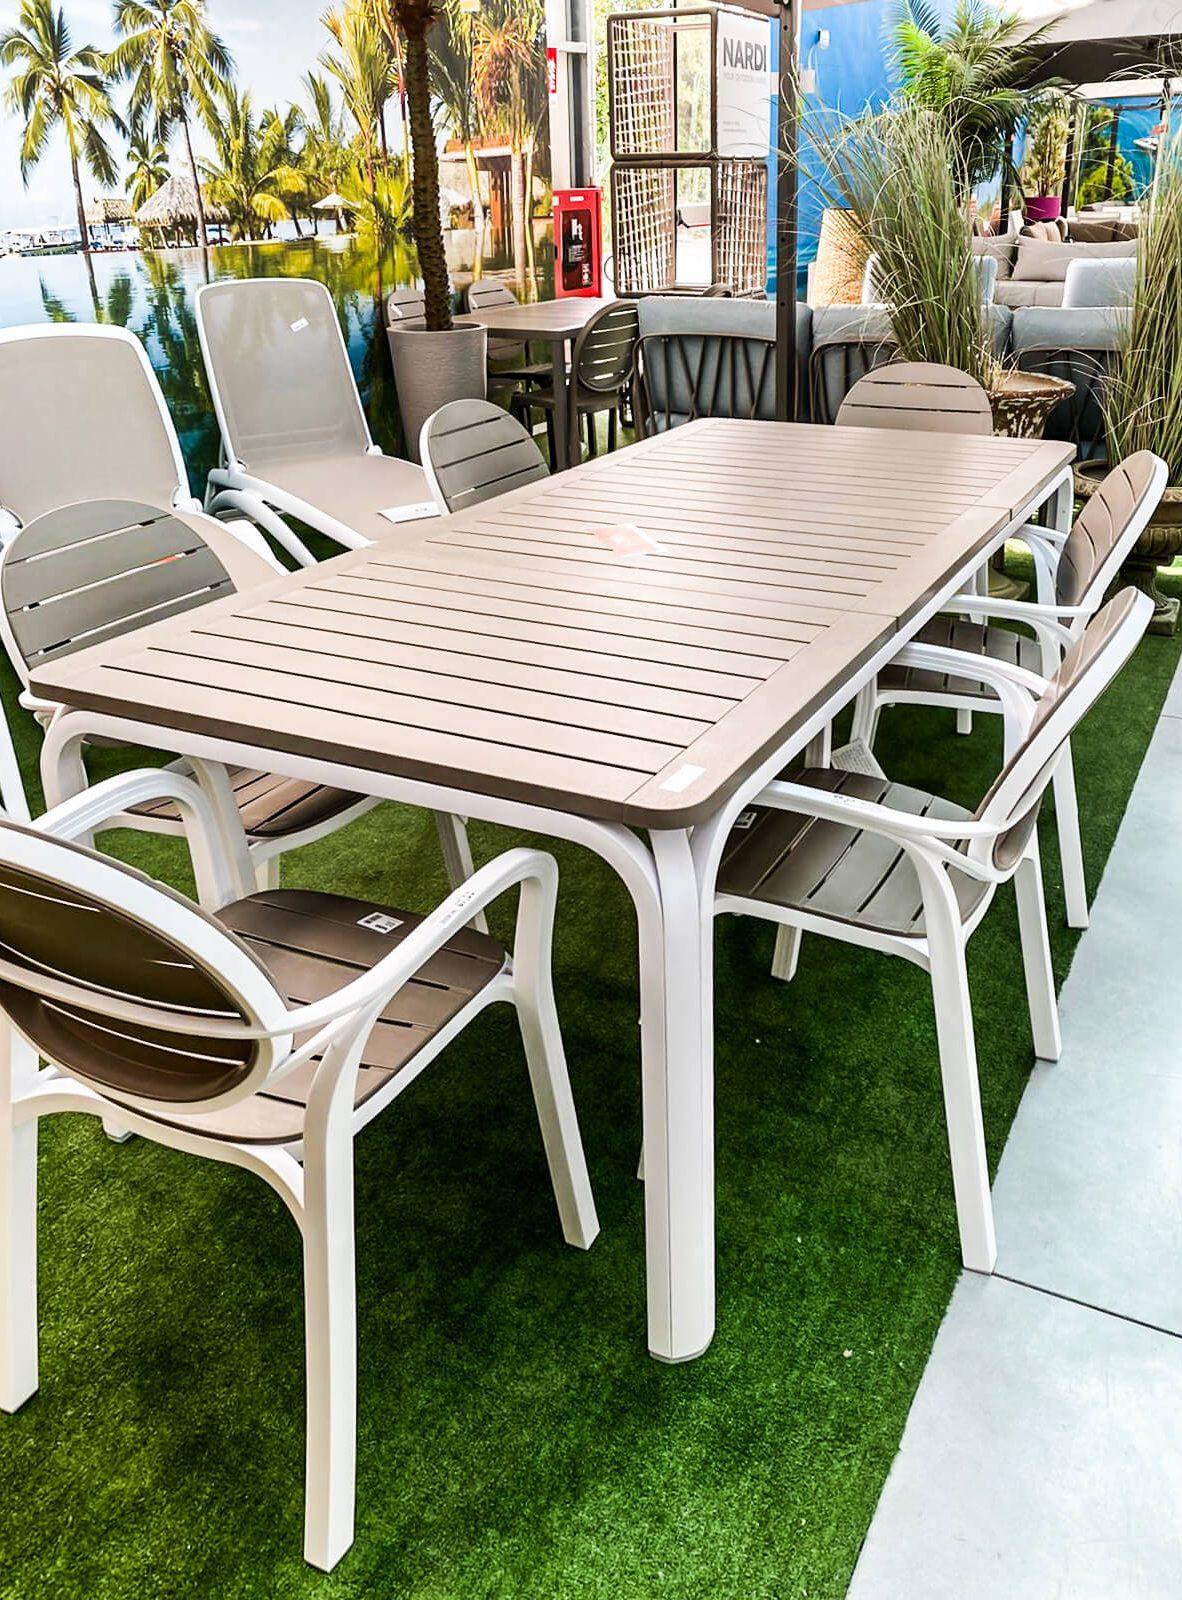 promo-mobili-giardino-centro-giardinaggio-pellegrini3.22.27 PM (1)